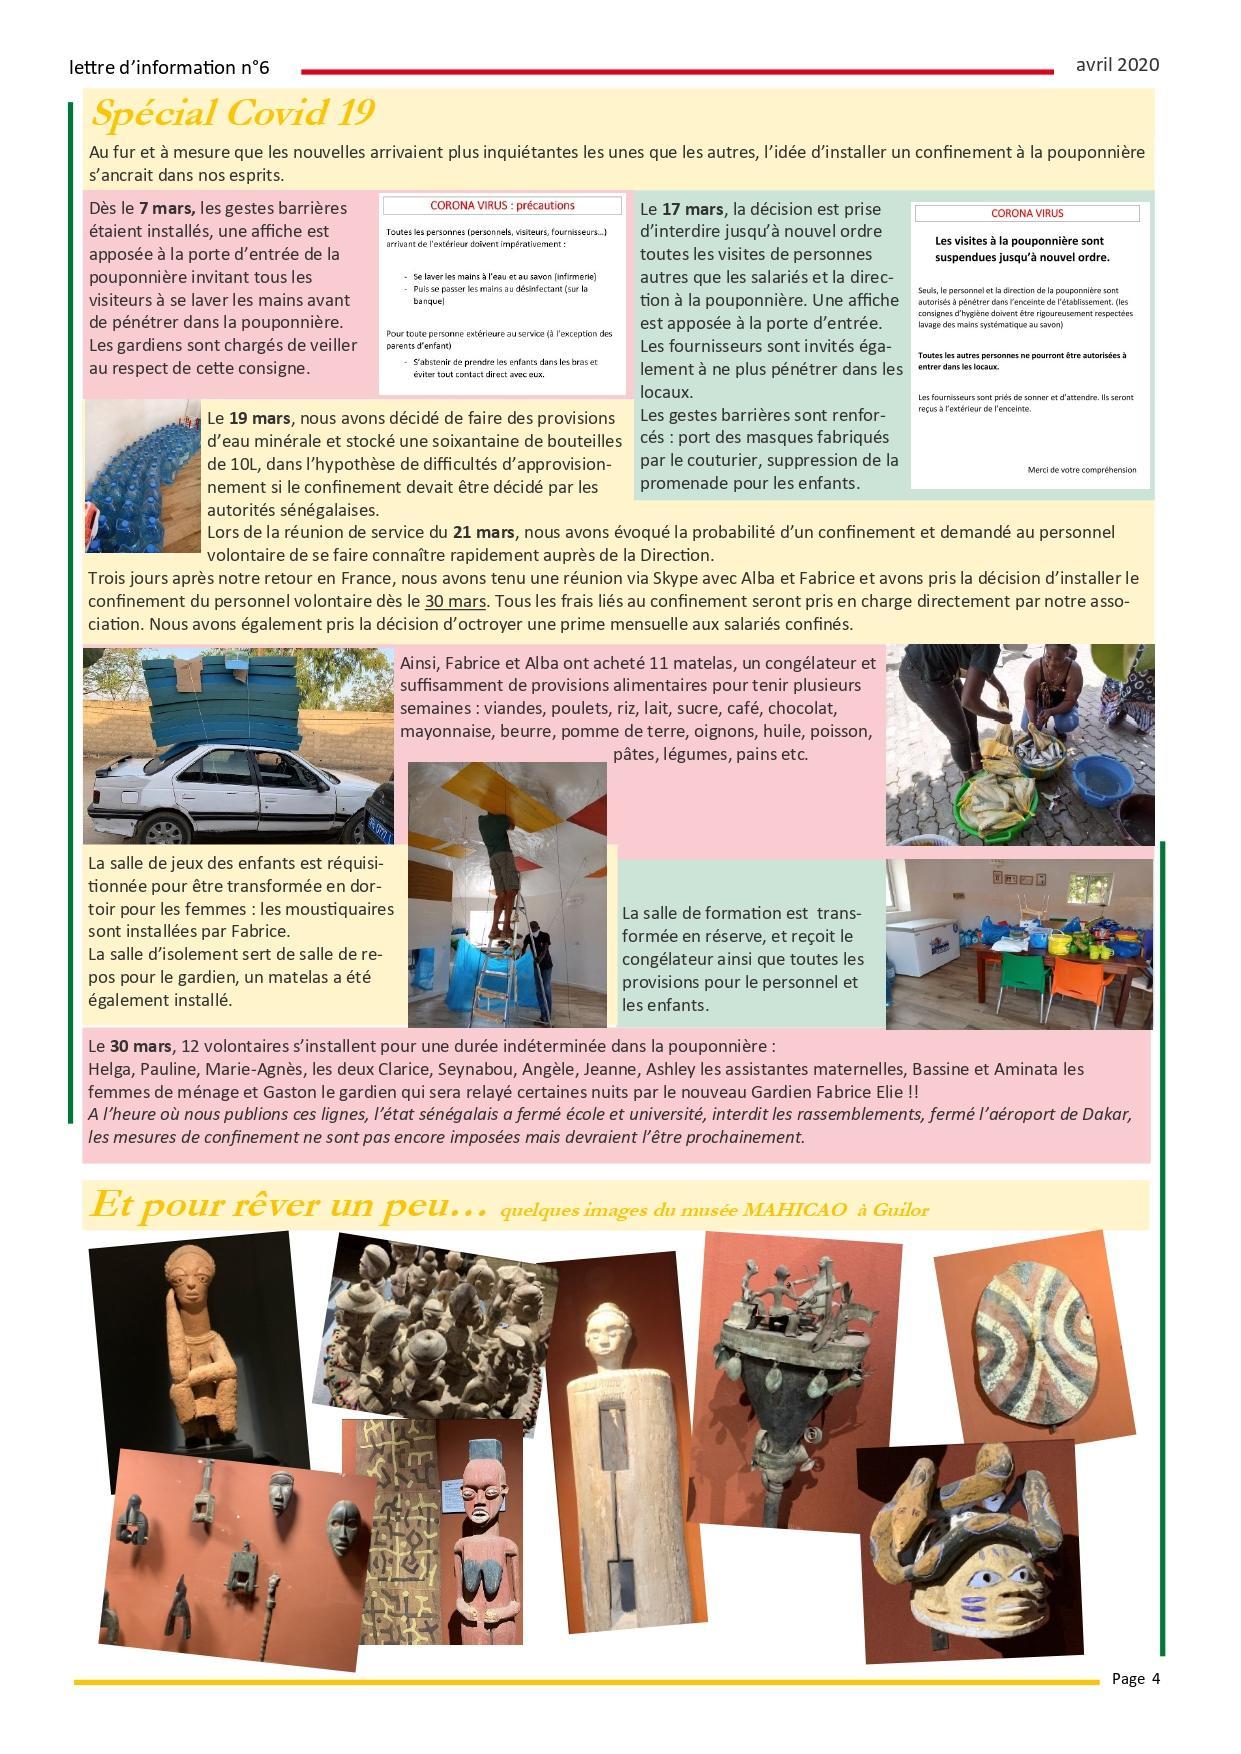 200422 lettre info 06 a4 modifiee page 0004